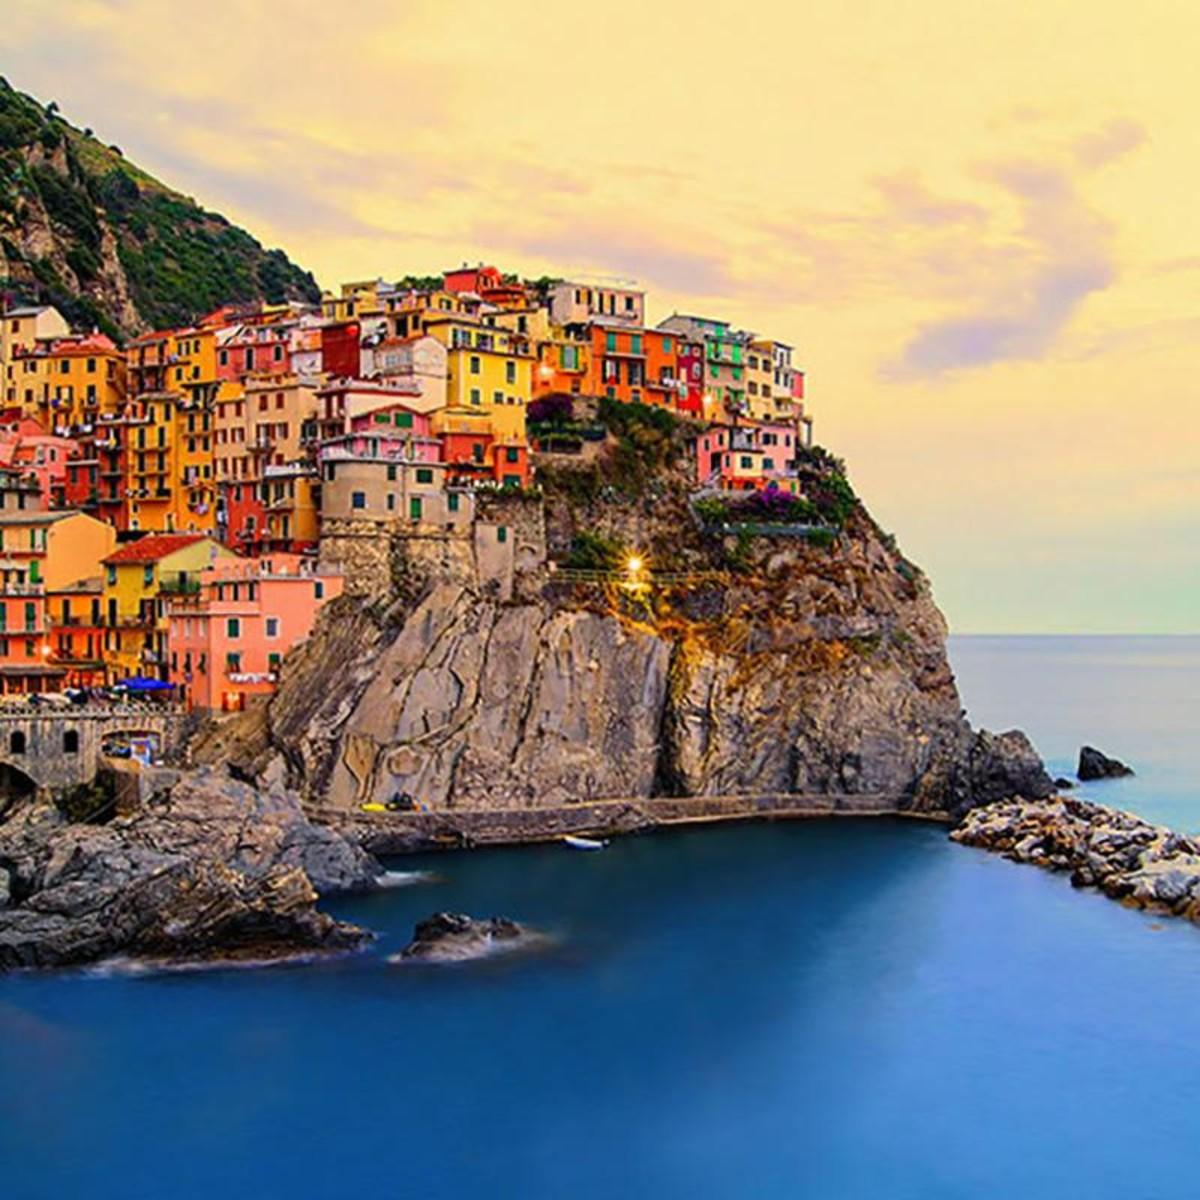 Фотообои W+G Cinque Terre Coast 130 366х254 см